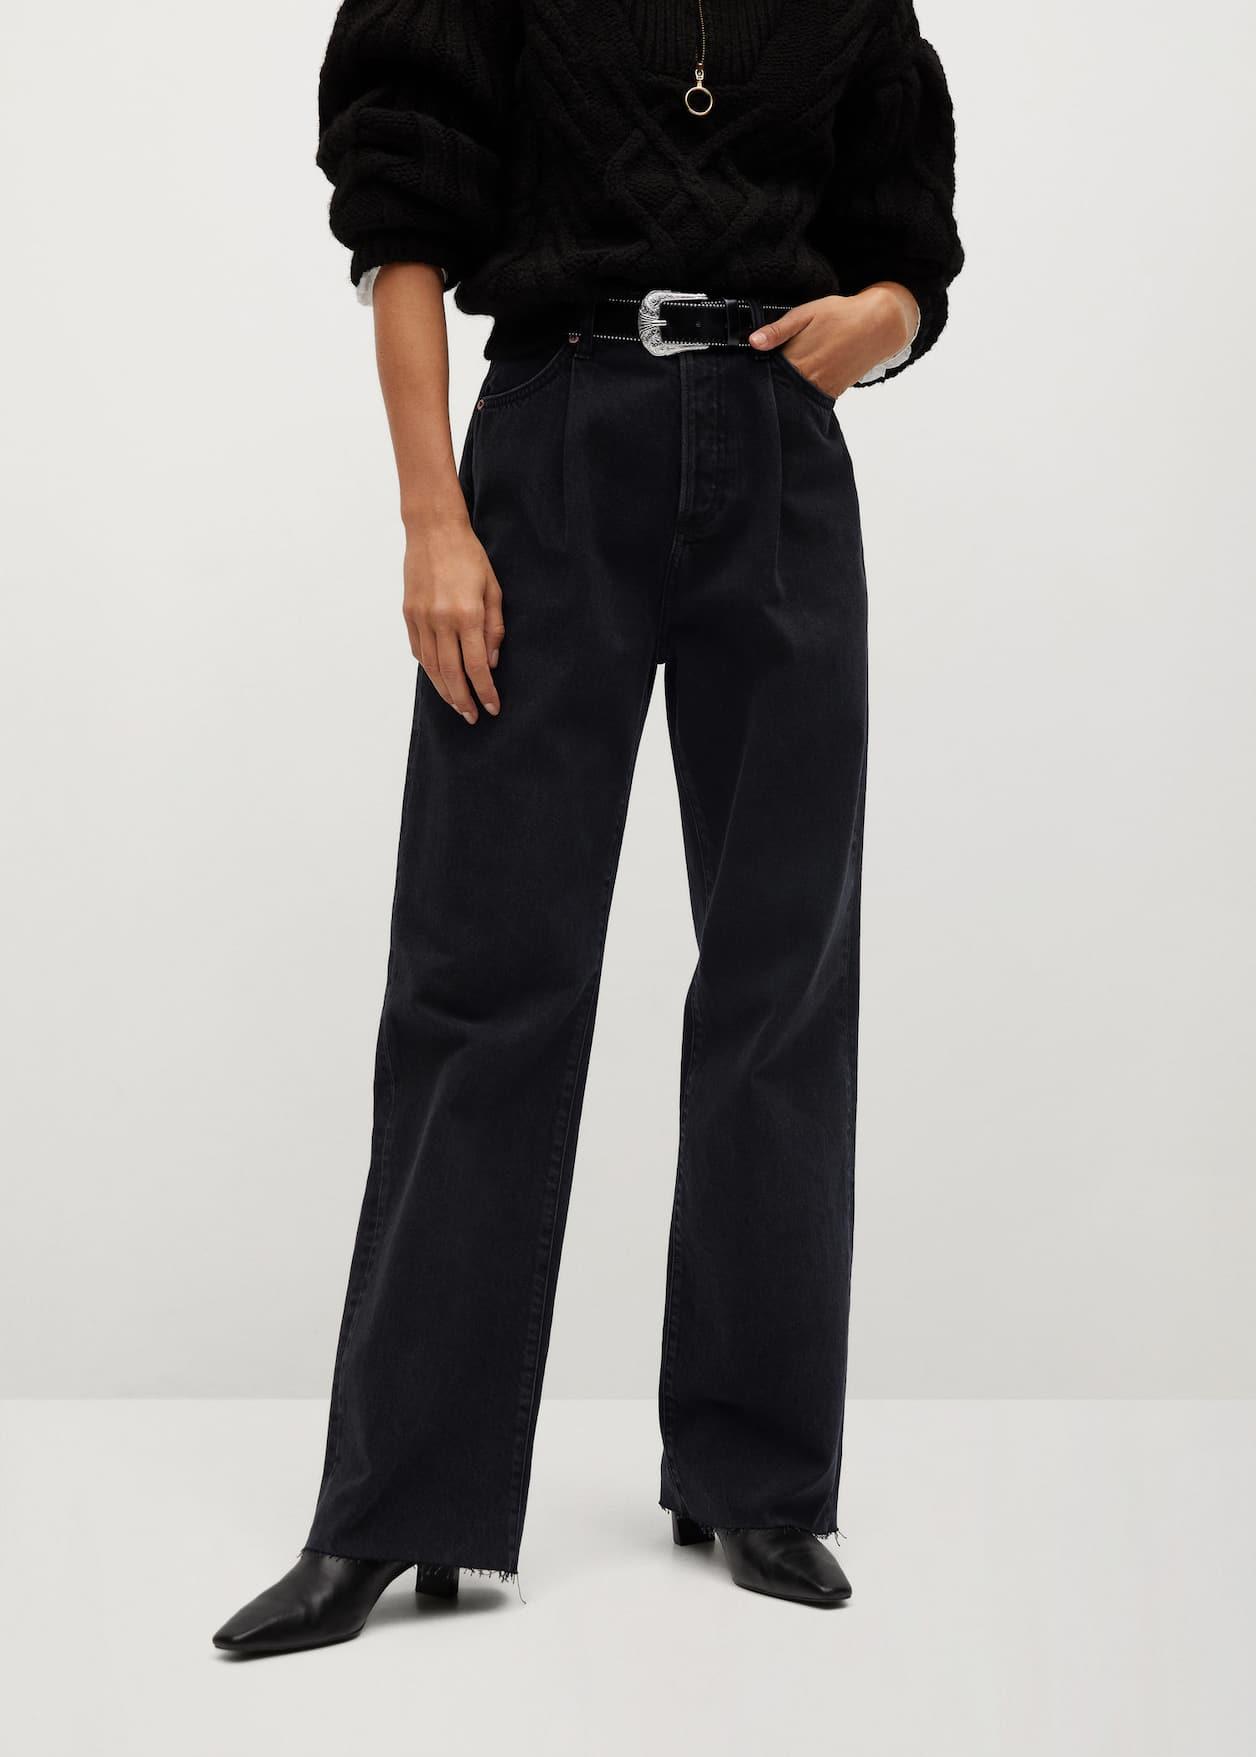 Джинсы |  джинсы Mango